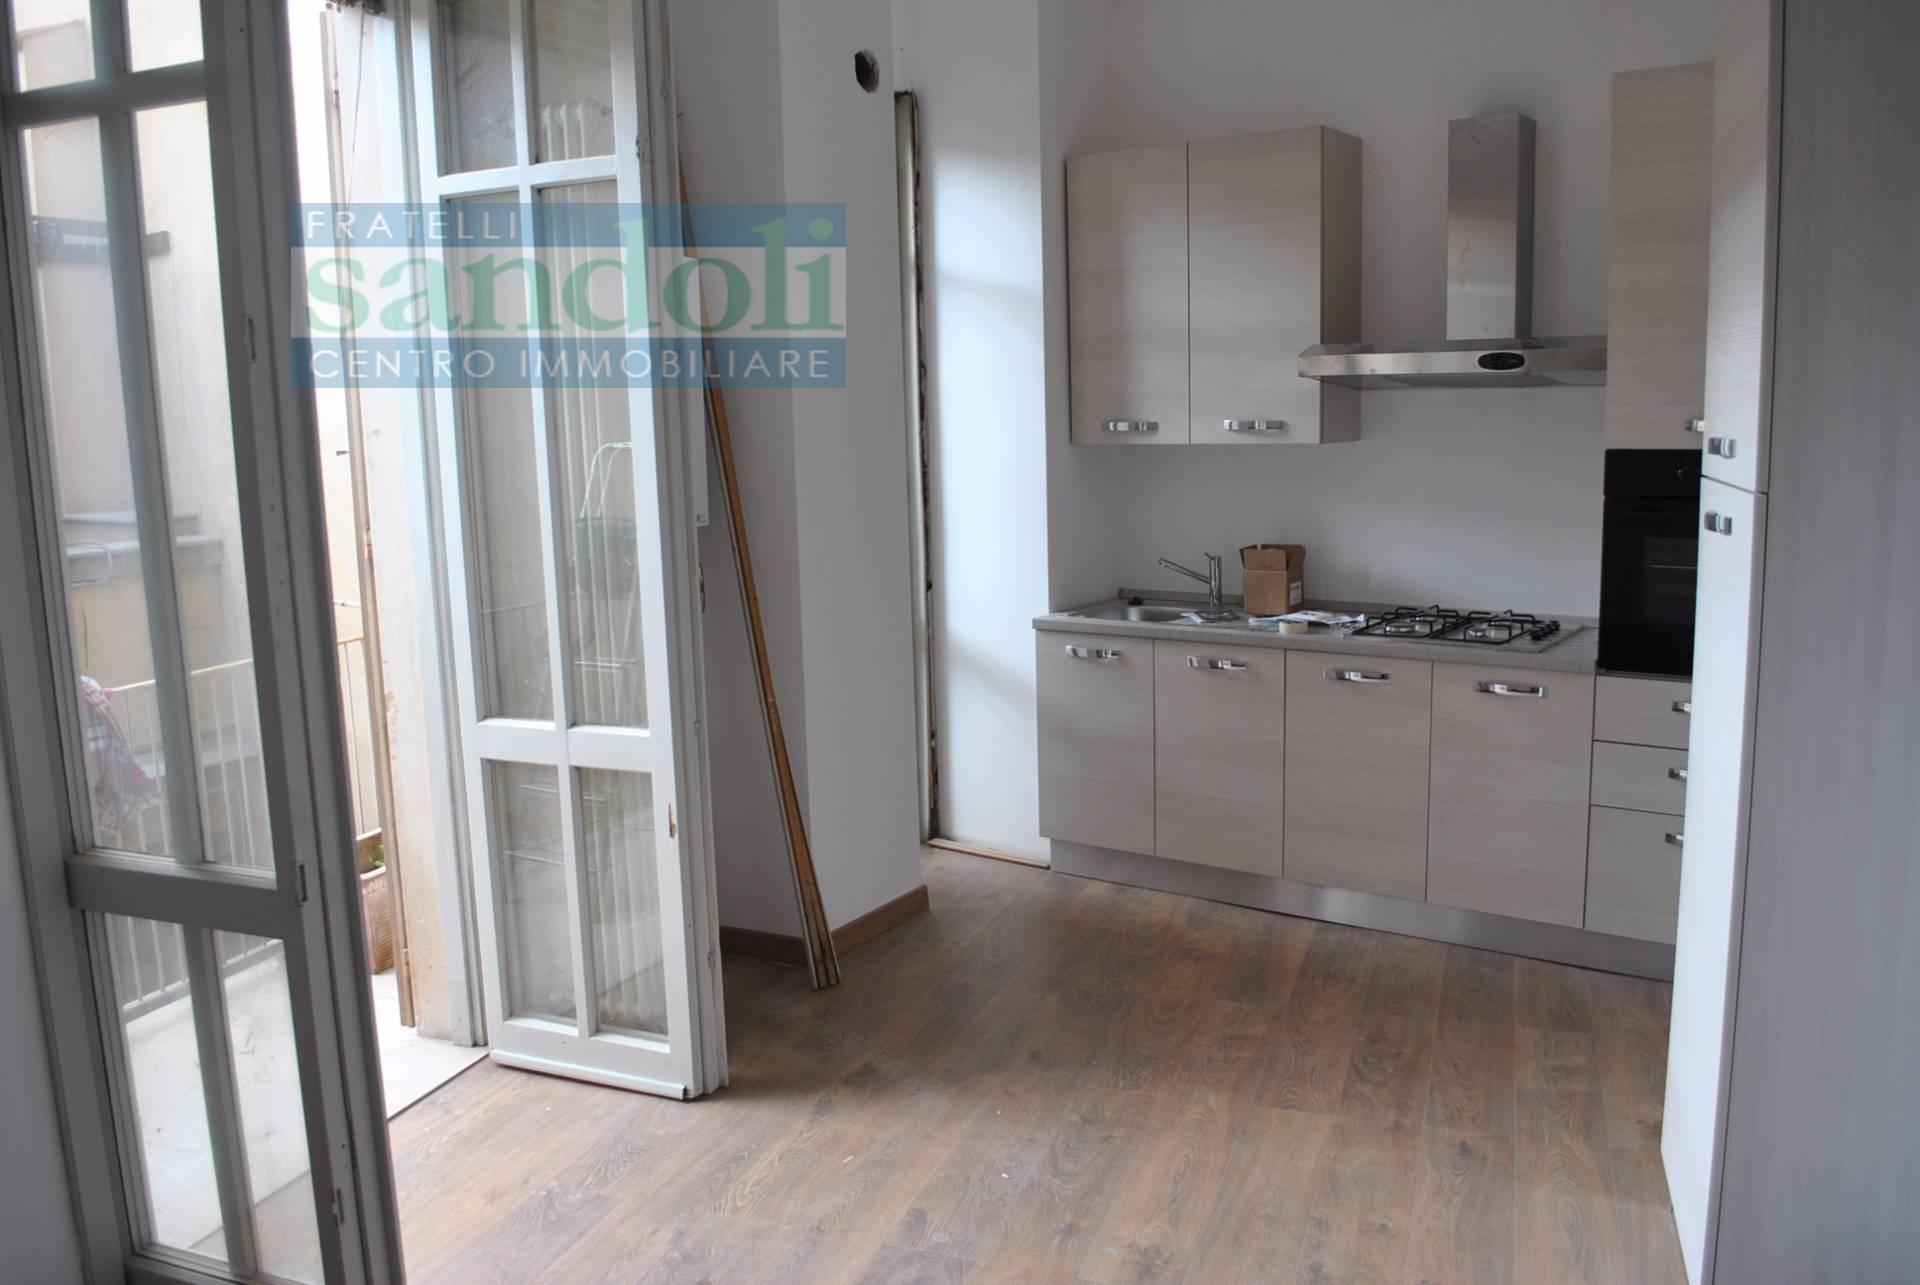 Bilocale Vercelli Via C. Gallardi 1